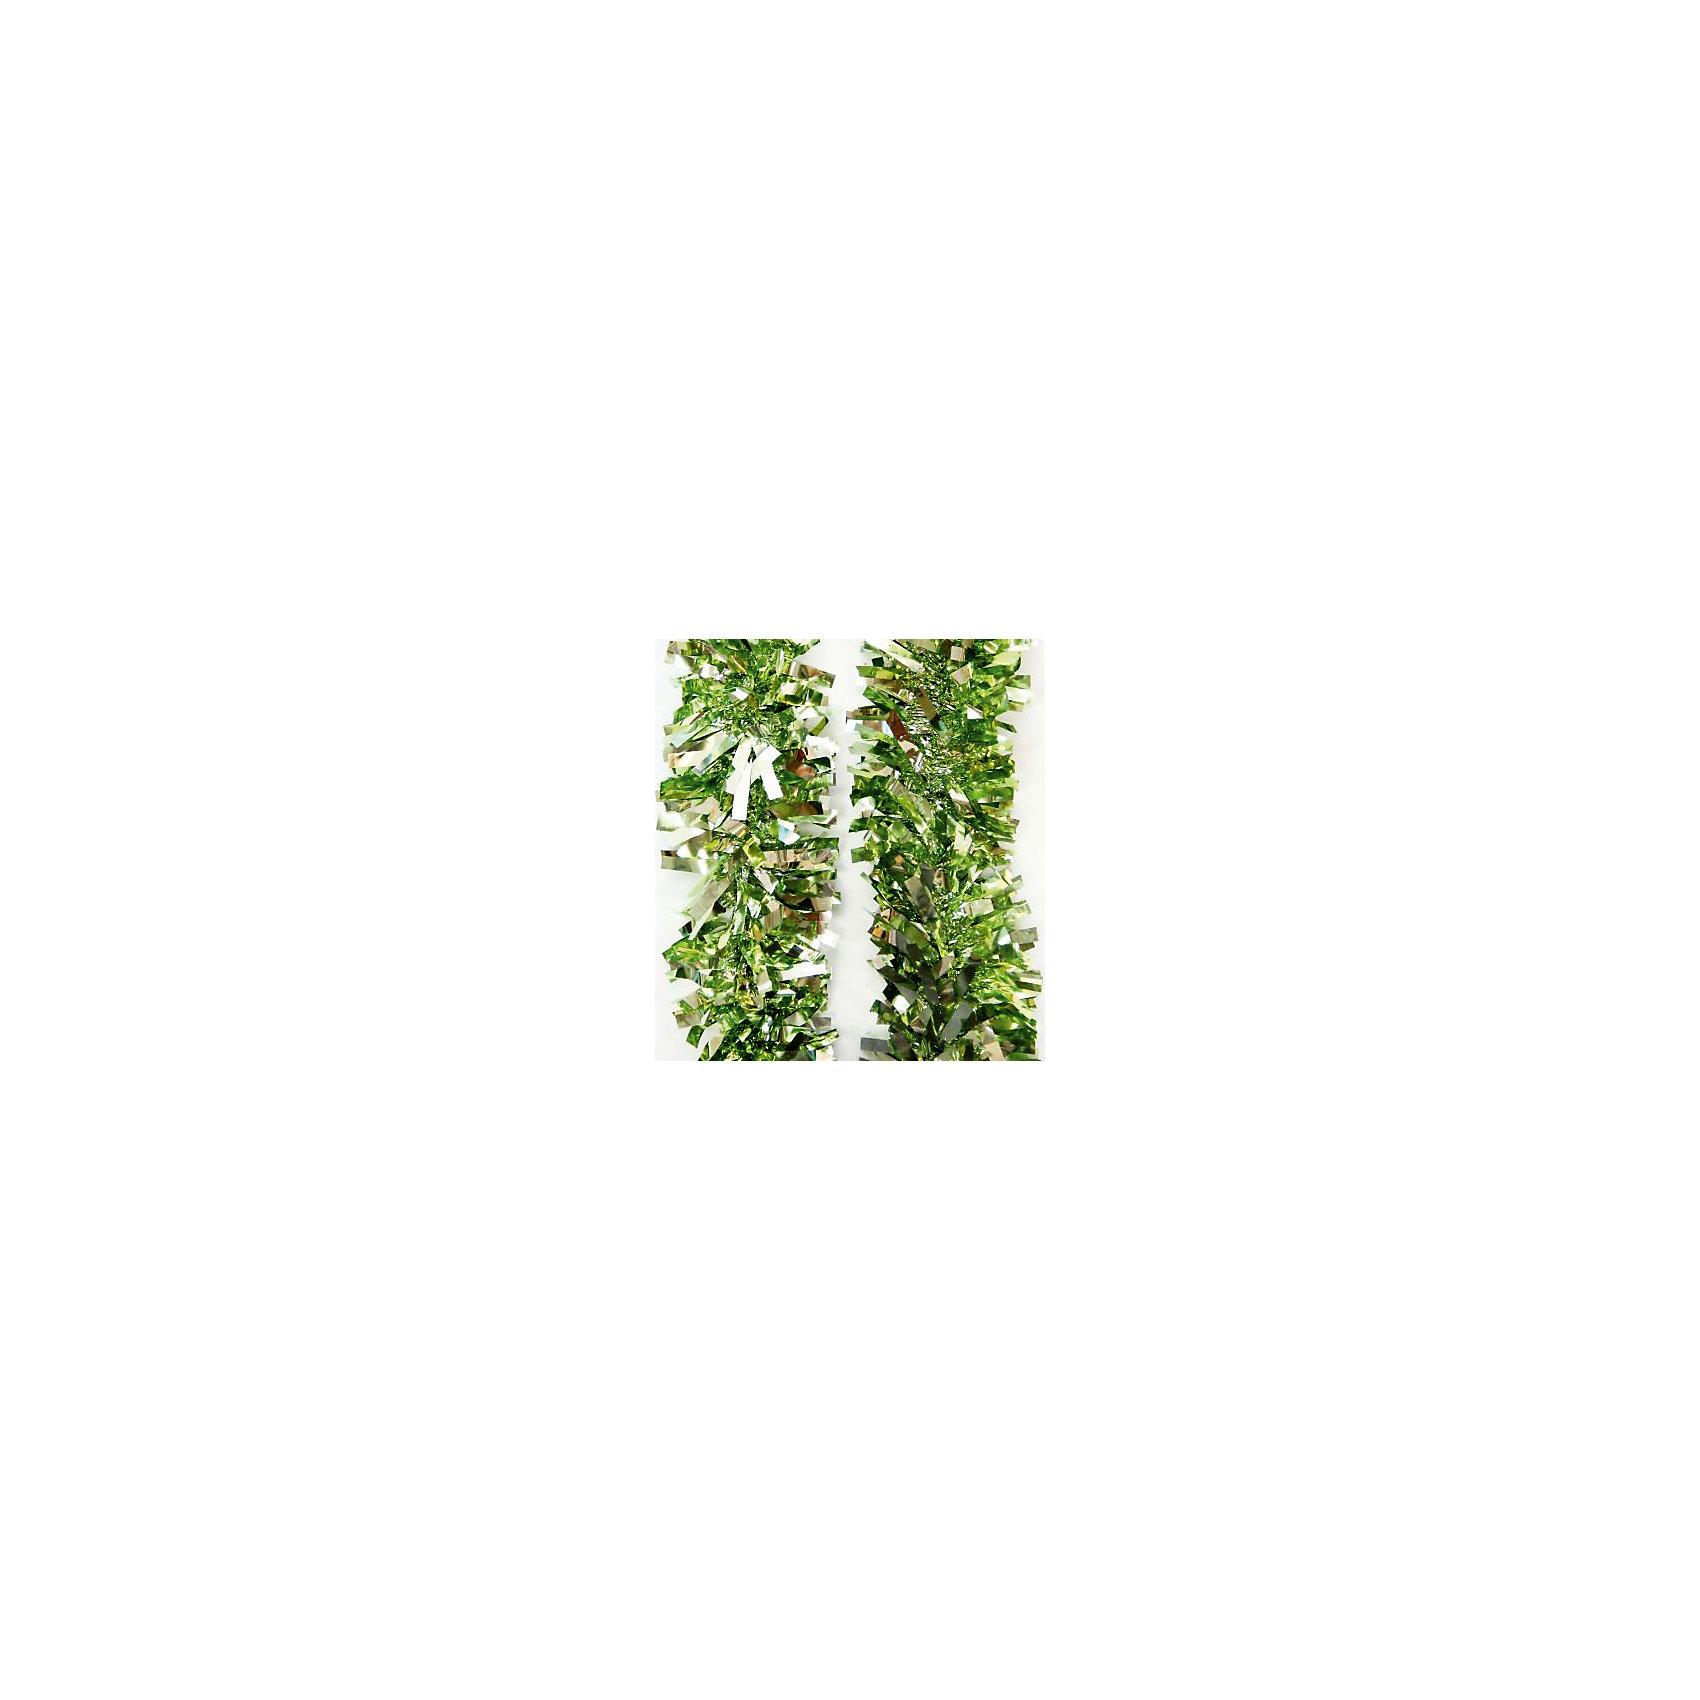 Мишура 9*200 смМишура 9*200 см - этот новогодний аксессуар принесет в ваш дом ни с чем несравнимое ощущение праздника!<br>Мишура станет замечательным украшением Вашей новогодней елки или интерьера и поможет создать праздничную волшебную атмосферу. Мишура зеленого цвета с серебристыми вставками имеет проволоку внутри и способна сохранять приданную ей форму. Она будет чудесно смотреться на елке, и радовать детей и взрослых.<br><br>Дополнительная информация:<br><br>- Размер: 9х200 см.<br>- Материал: ПЭТ (полиэтилентерефталат)<br>- Цвет: зеленый, серебристый<br><br>Мишуру 9*200 см можно купить в нашем интернет-магазине.<br><br>Ширина мм: 100<br>Глубина мм: 100<br>Высота мм: 60<br>Вес г: 500<br>Возраст от месяцев: 36<br>Возраст до месяцев: 2147483647<br>Пол: Унисекс<br>Возраст: Детский<br>SKU: 4981530